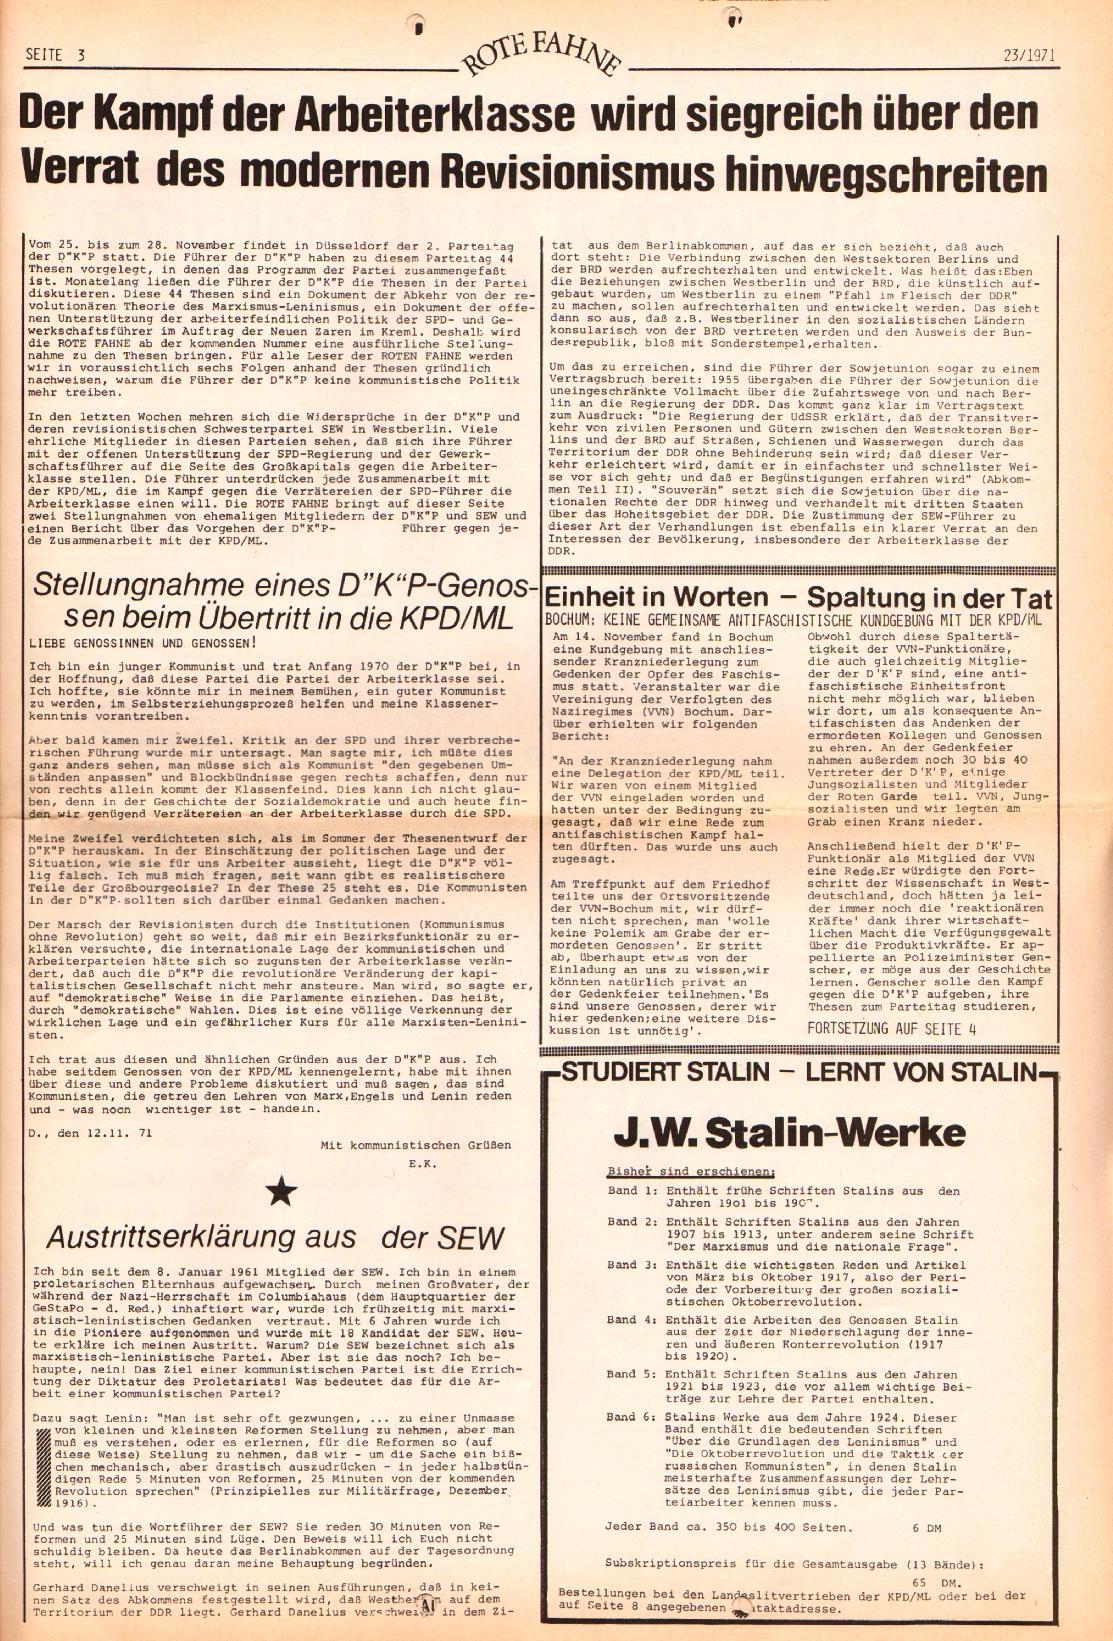 Rote Fahne, 2. Jg., 22.11.1971, Nr. 23, Seite 3